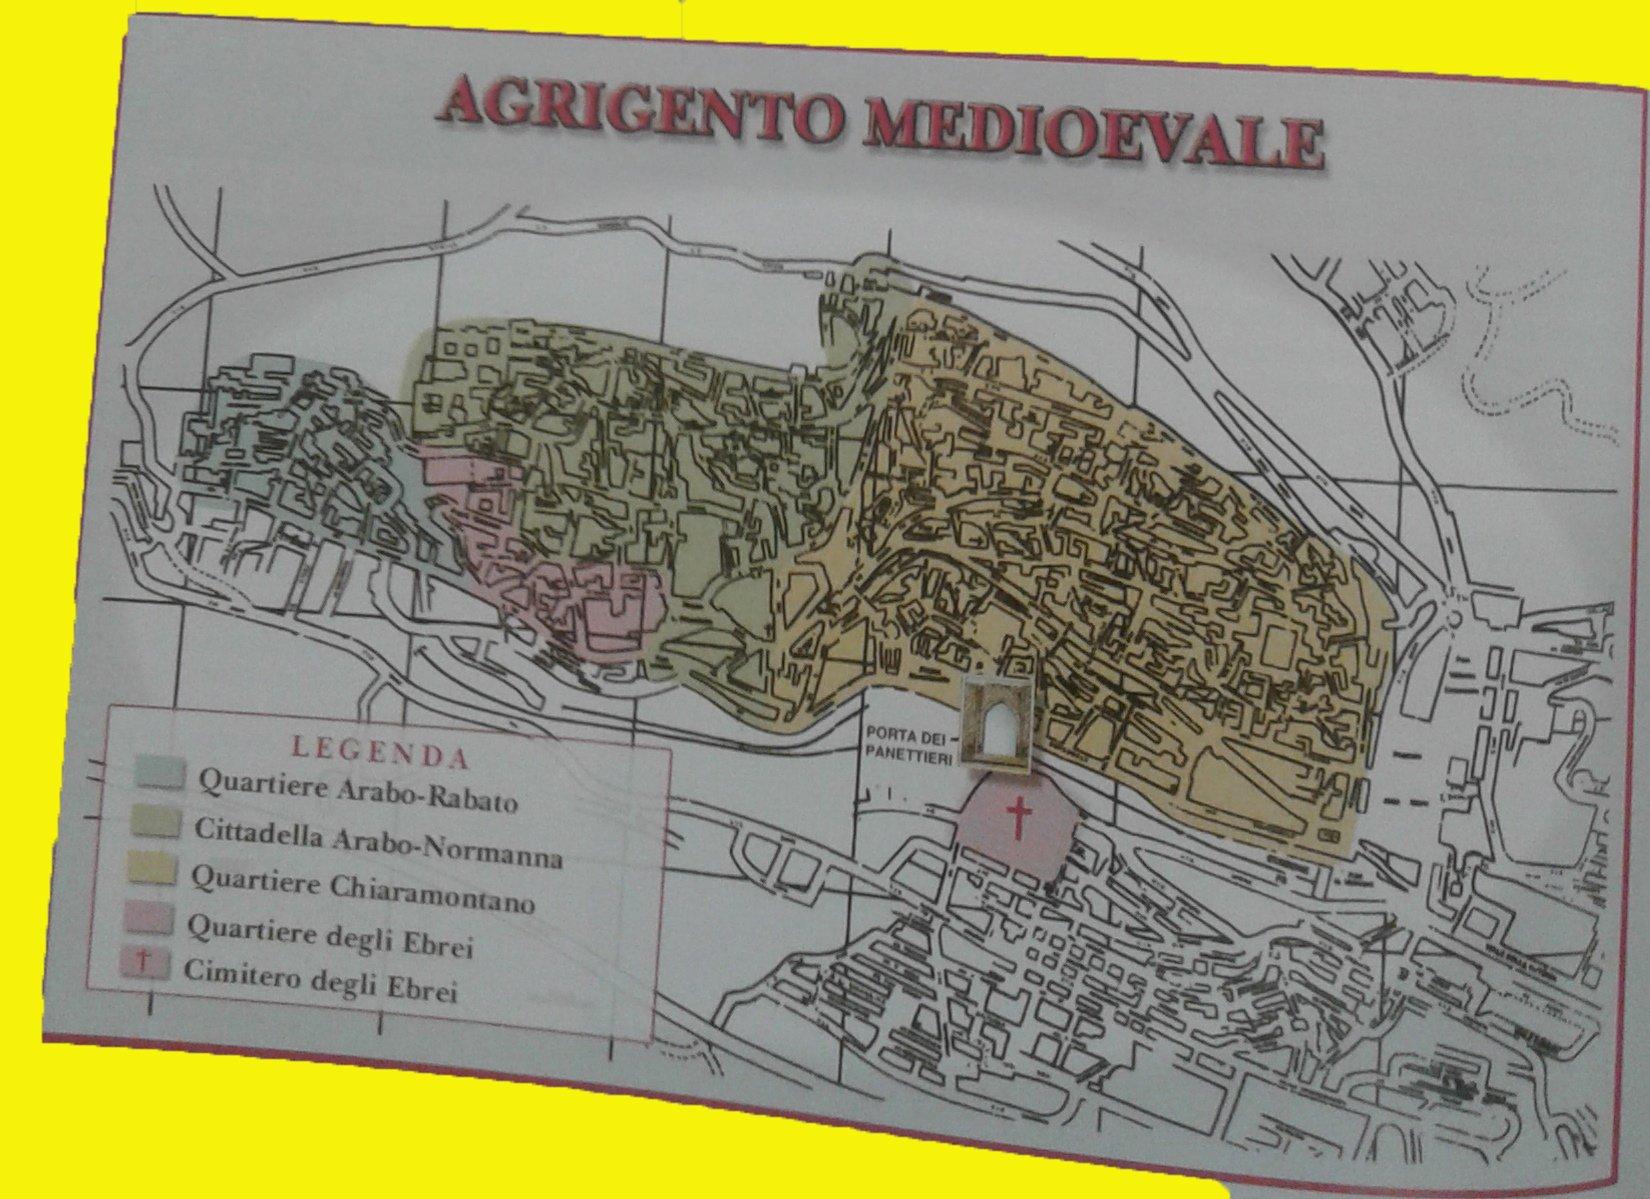 Ebrei di Agrigento: la storia della loro presenza nel territorio